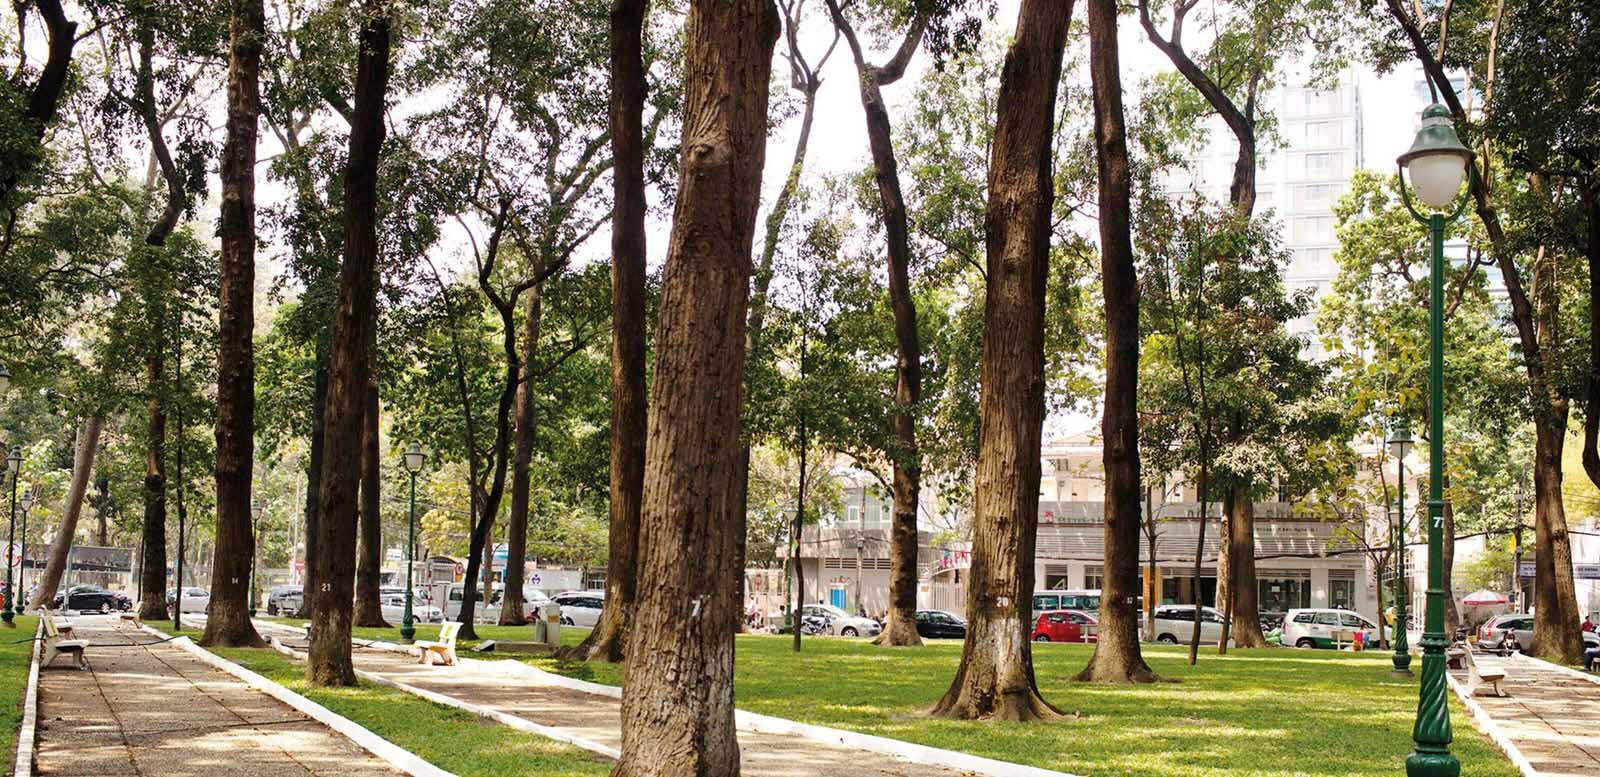 Ảnh đẹp góc công viên 30-4 Sài Gòn